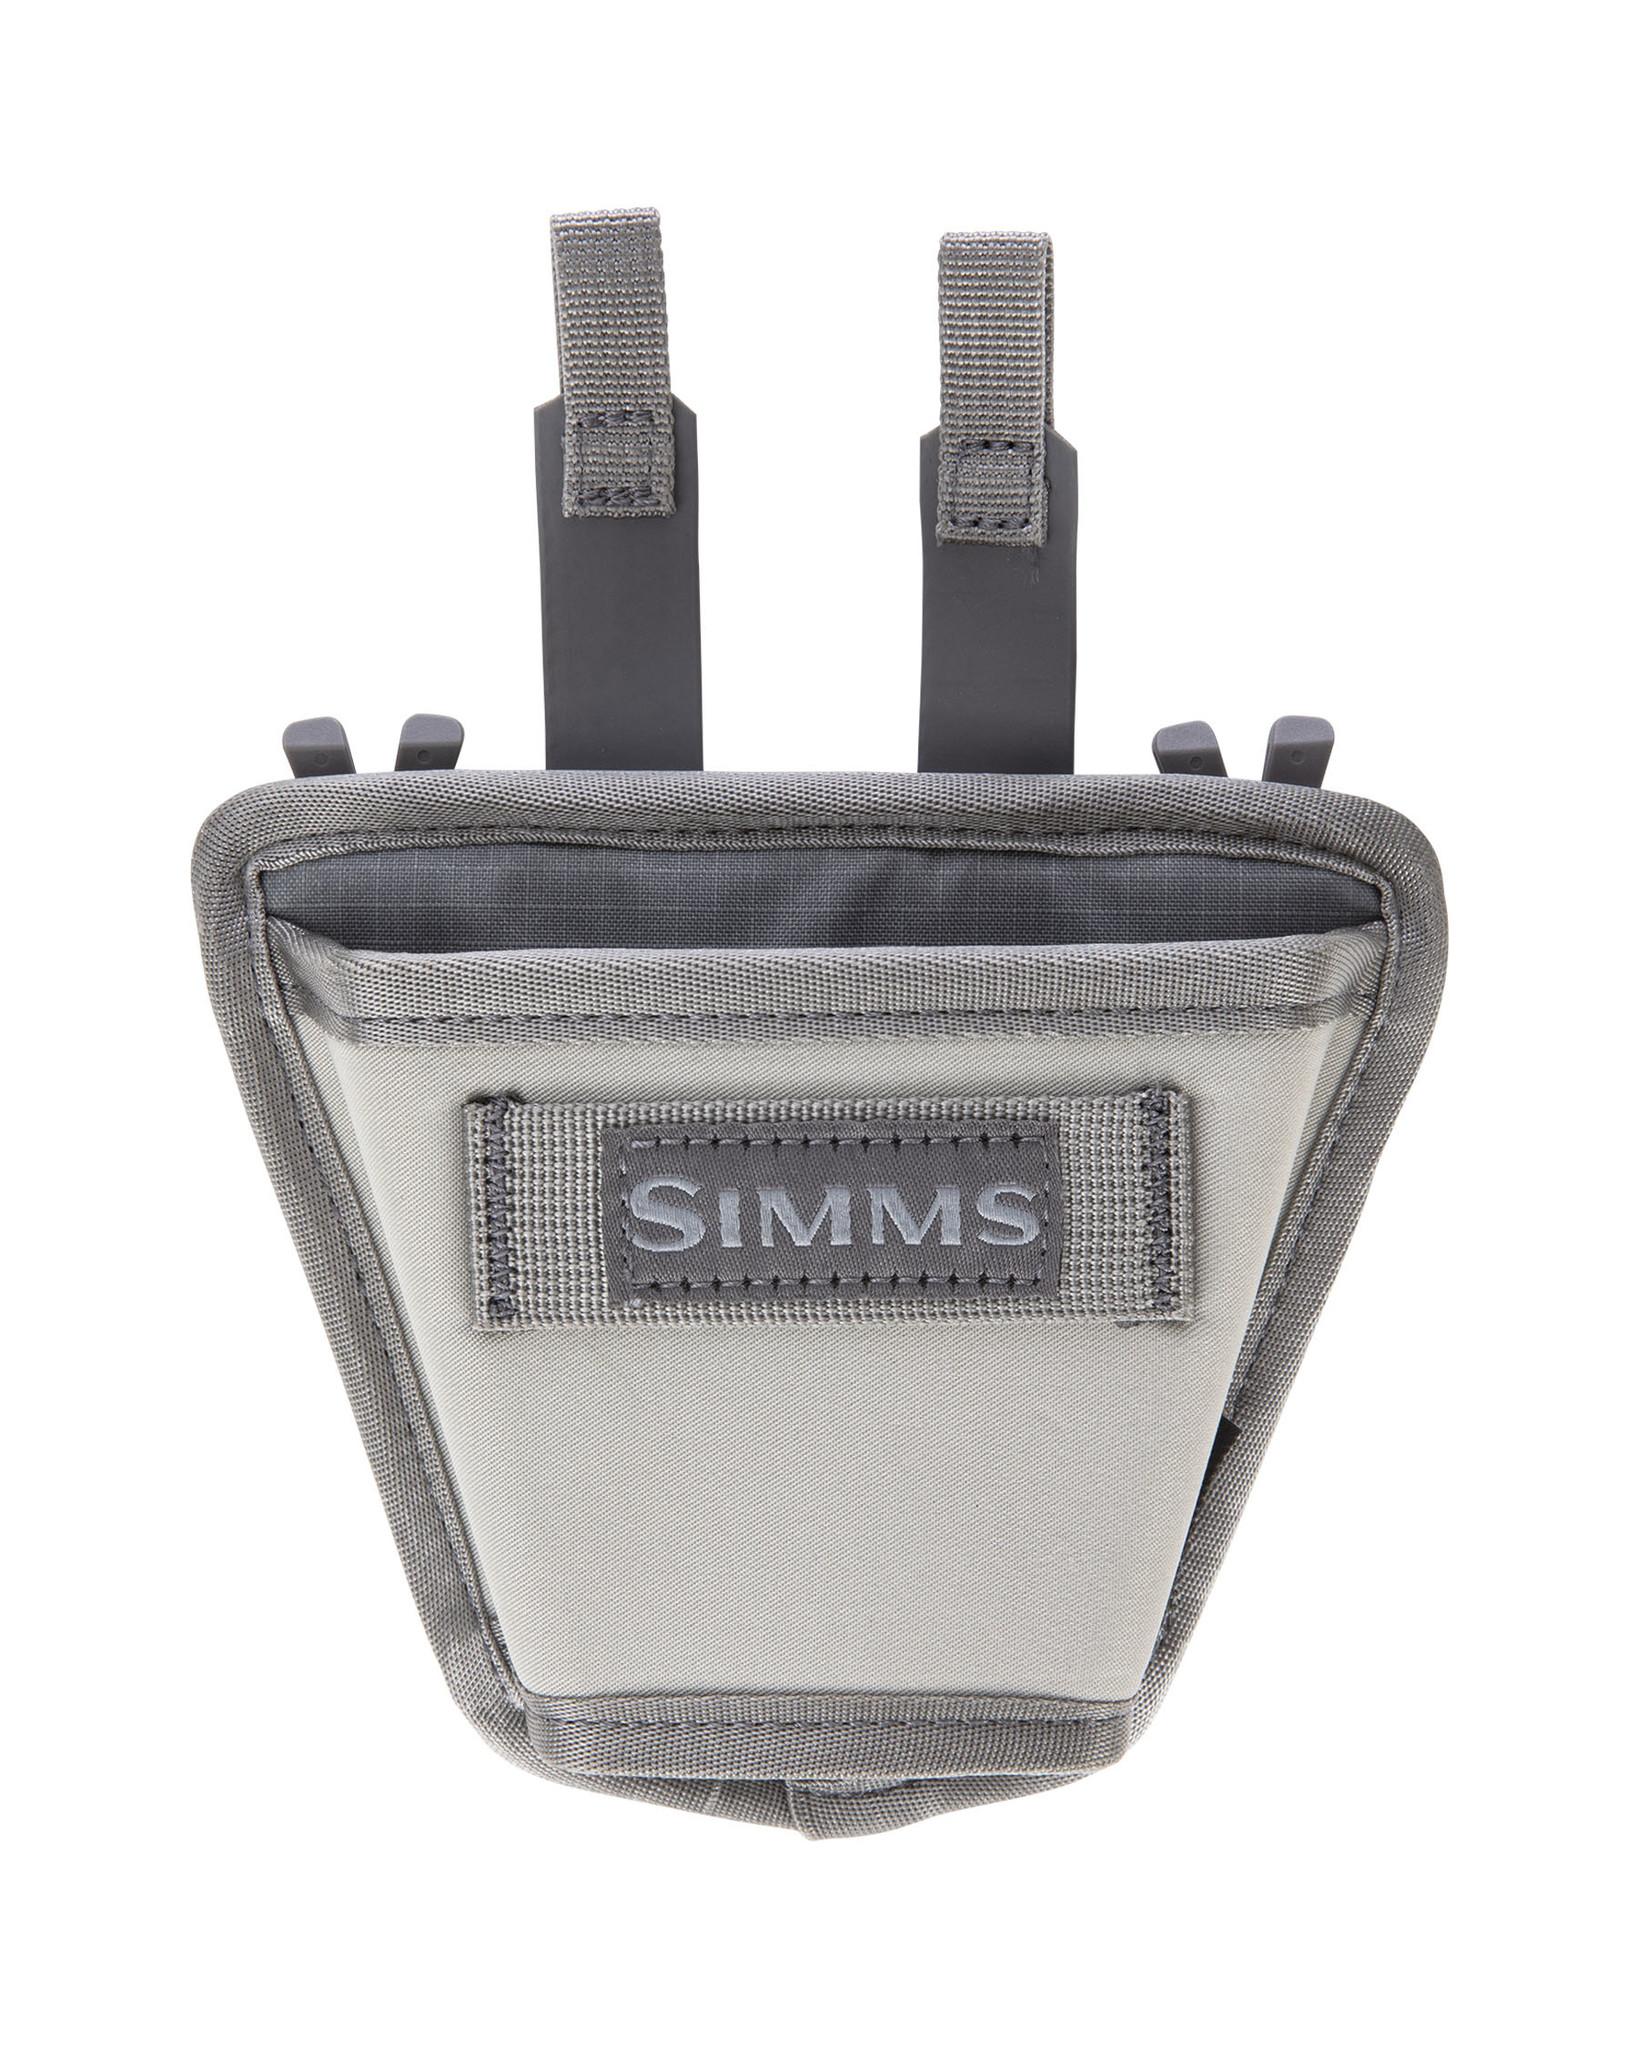 SIMMS Simms Flyweight Net Holster